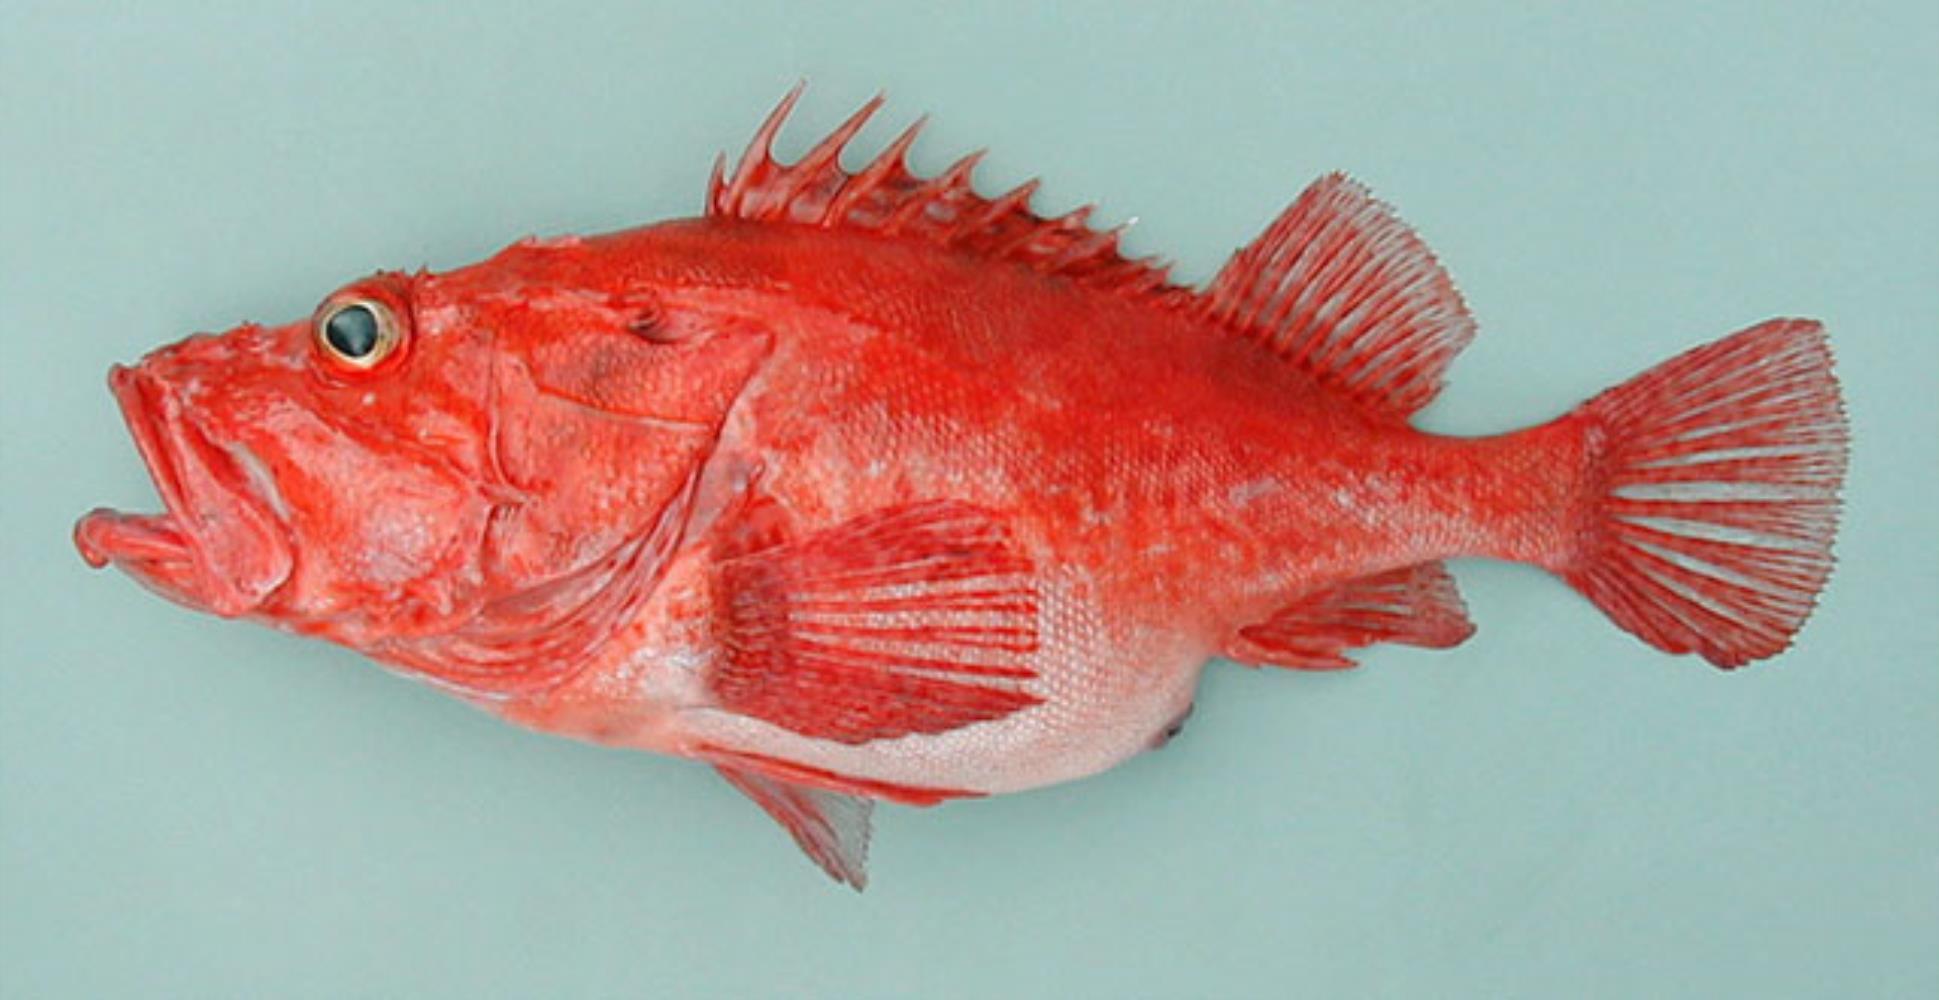 Folger's Scorpionfish